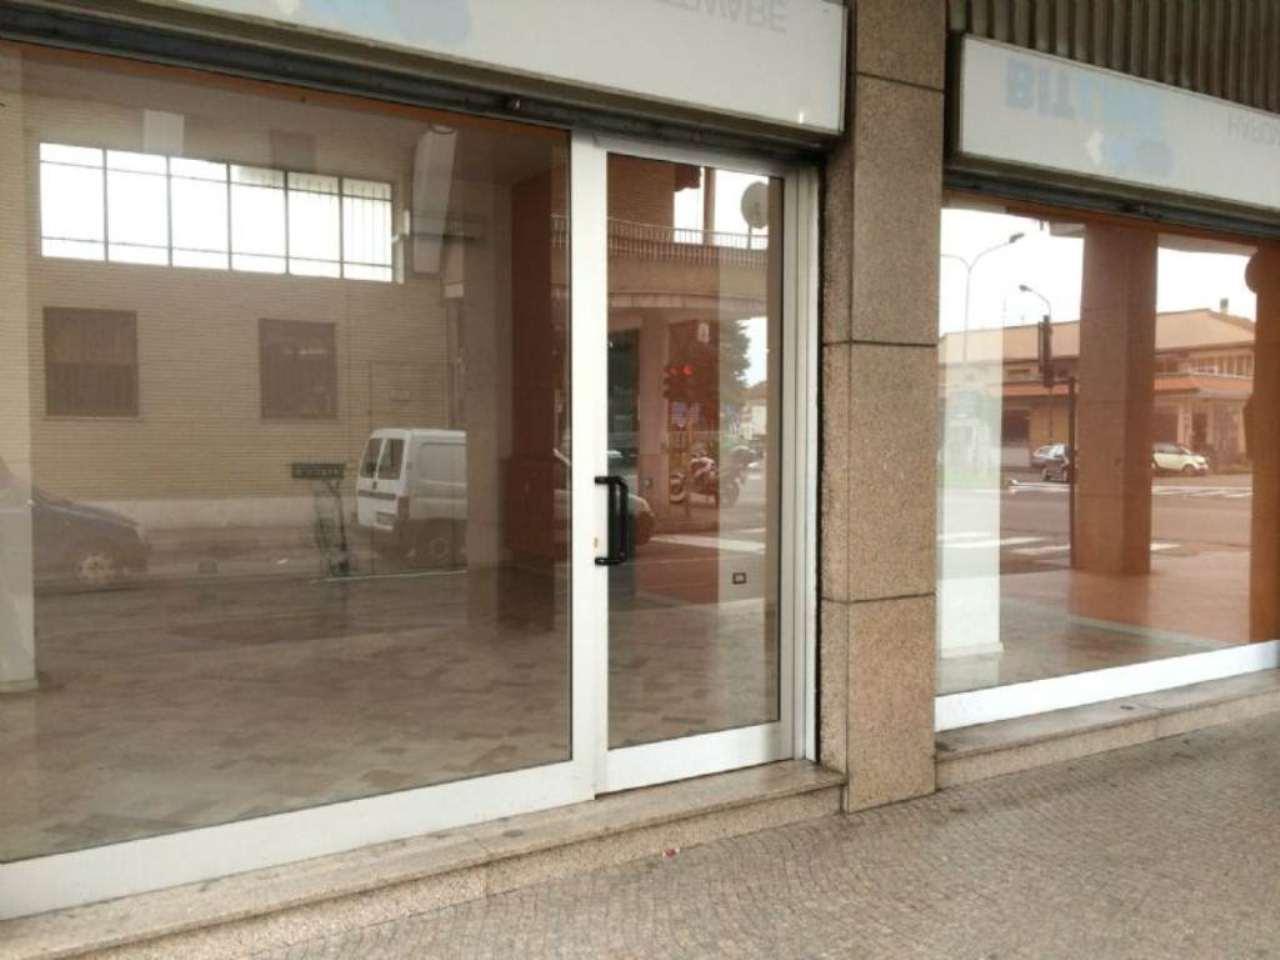 Negozio / Locale in affitto a Rho, 1 locali, prezzo € 750 | Cambio Casa.it